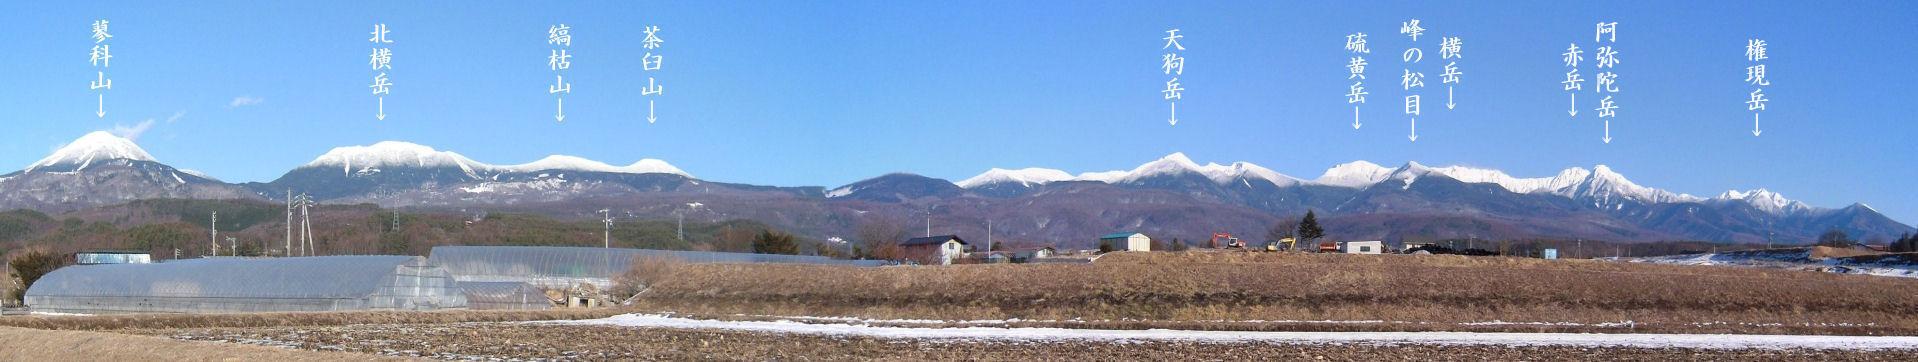 八ヶ岳パノラマ